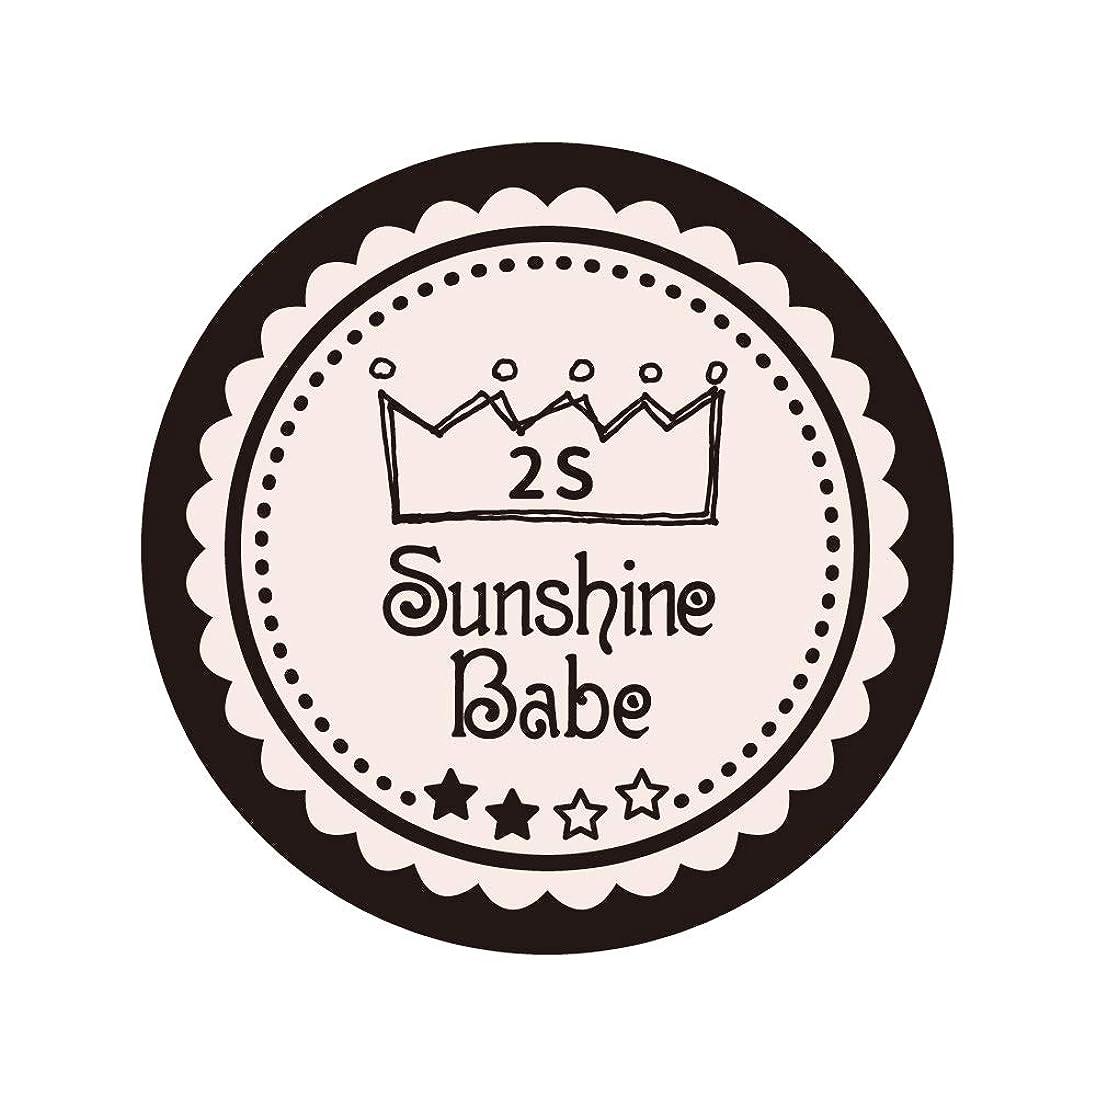 遮る虫を数える操縦するSunshine Babe カラージェル 2S オールモーストモーブ 2.7g UV/LED対応